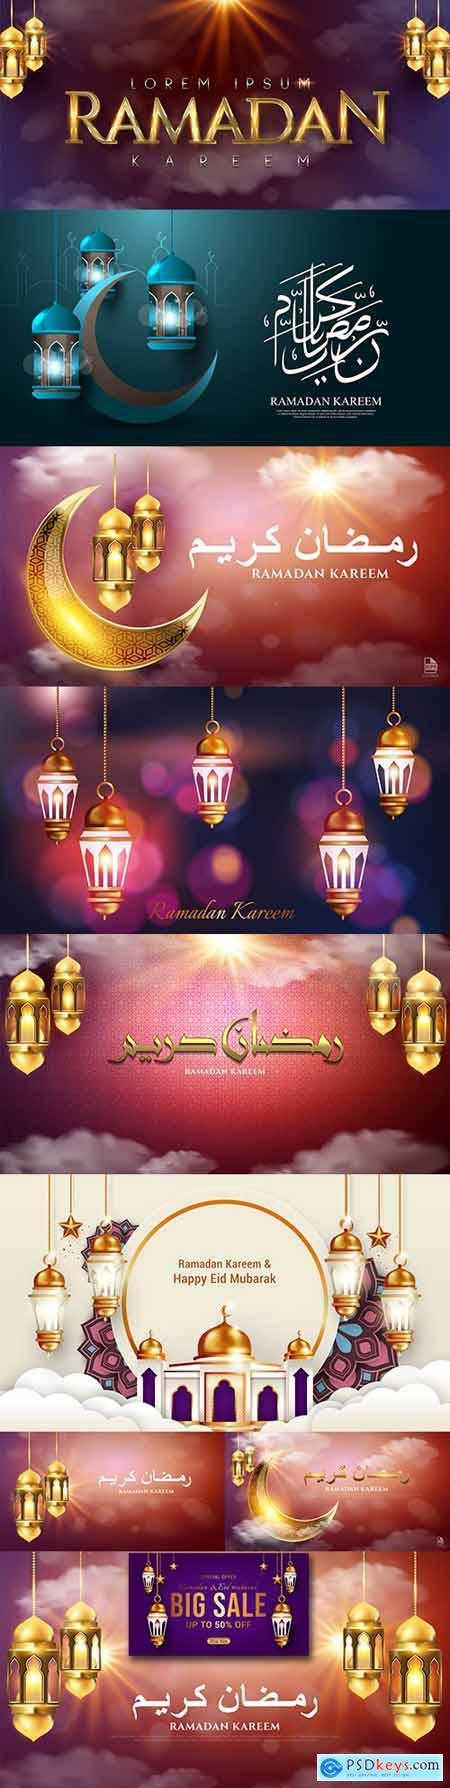 Islamic decorative background design Ramadan Kareem